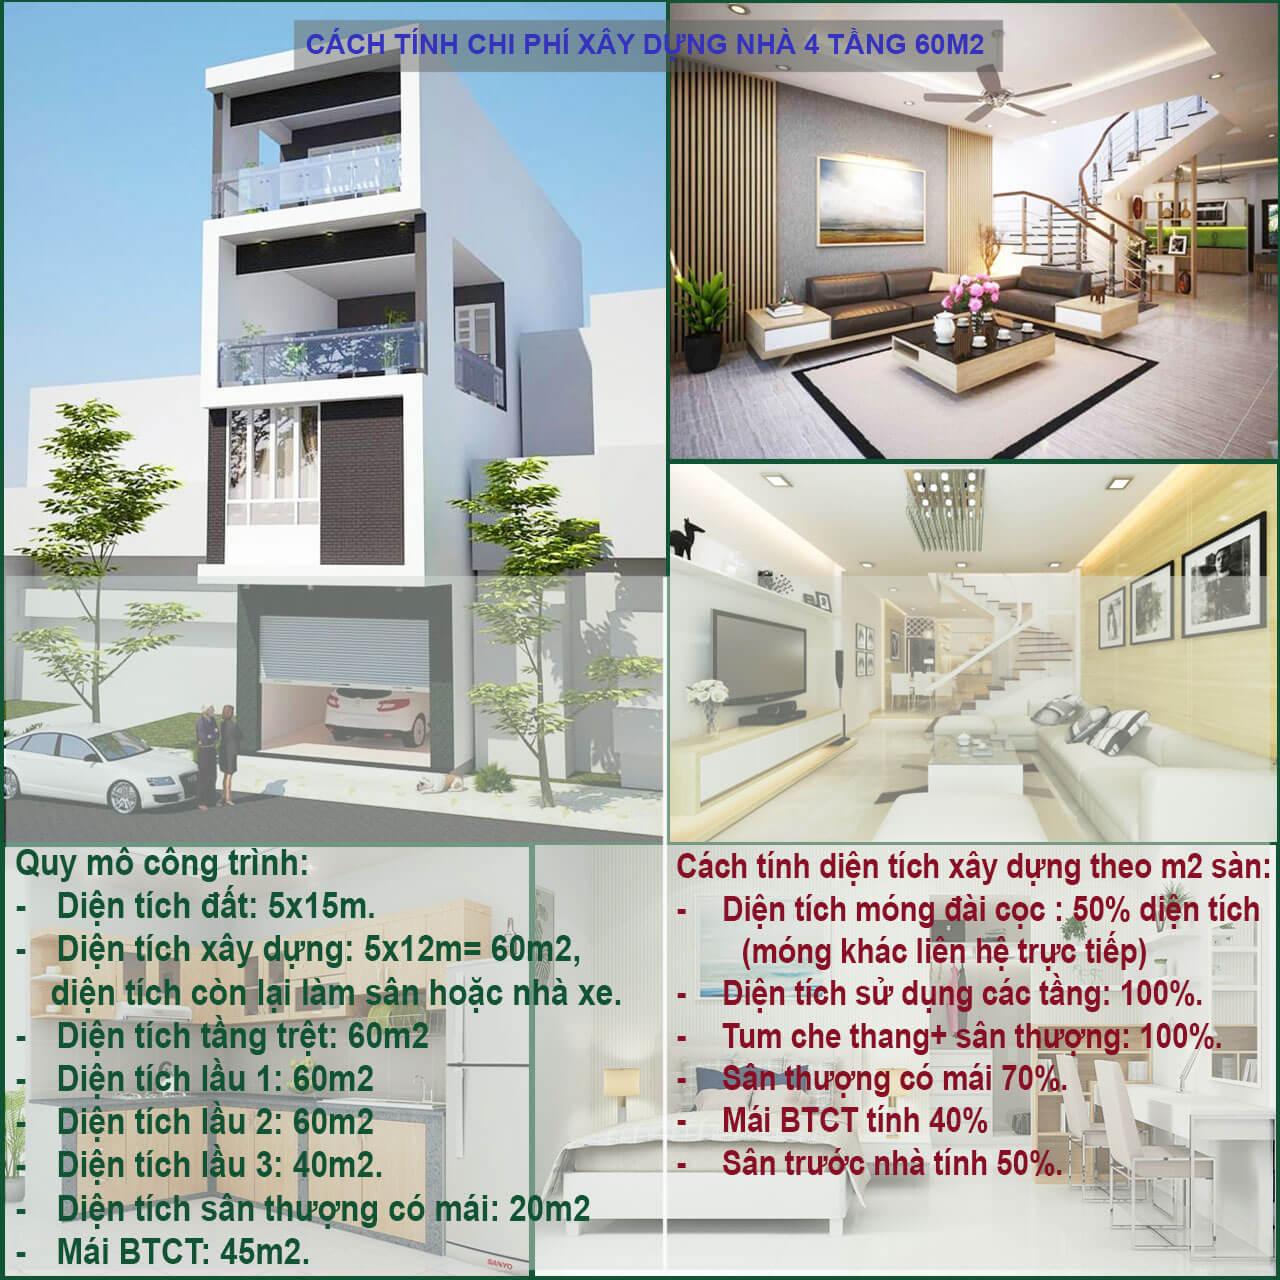 Chi phí xây nhà 4 tầng 60m2